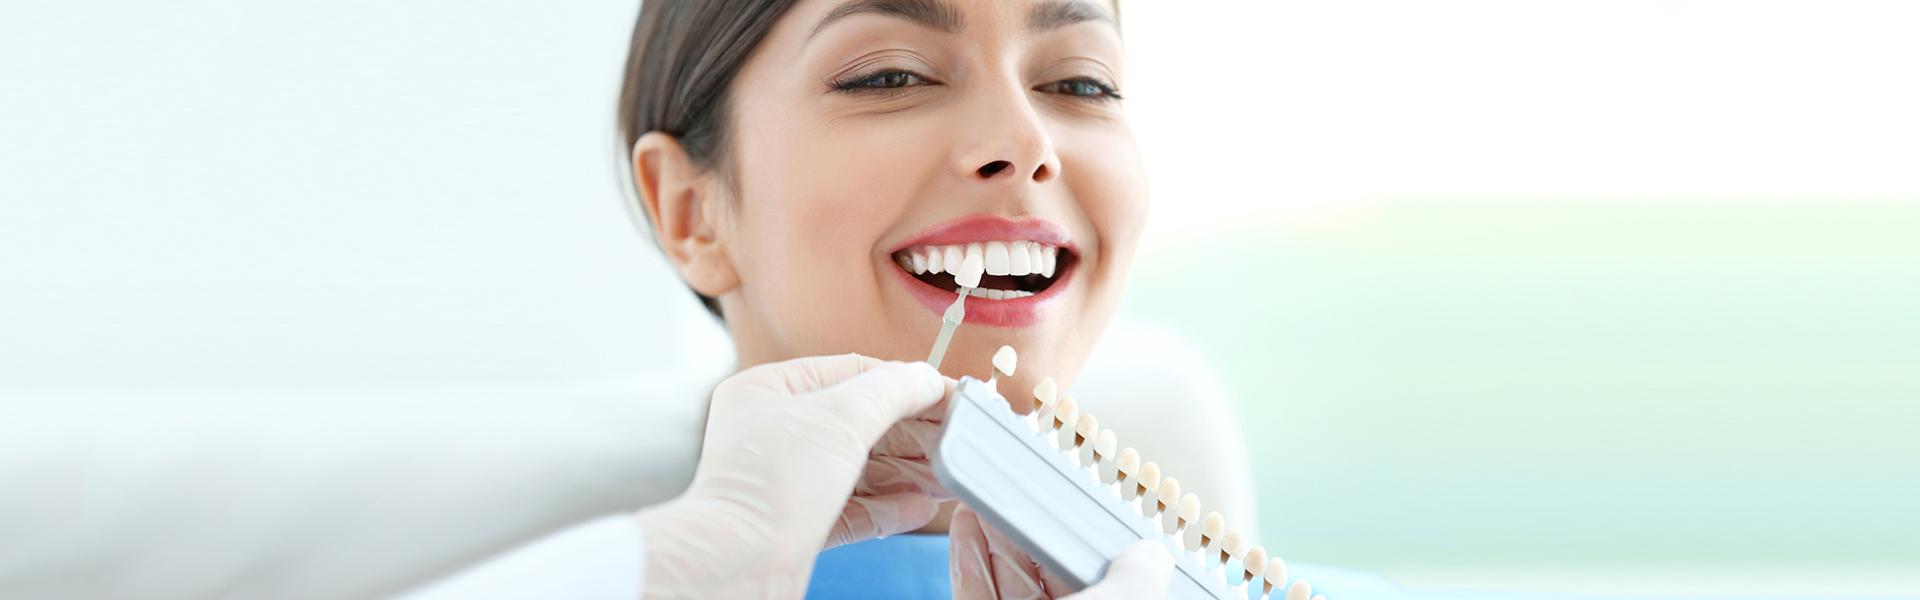 3 Ways We Use Dental Crowns